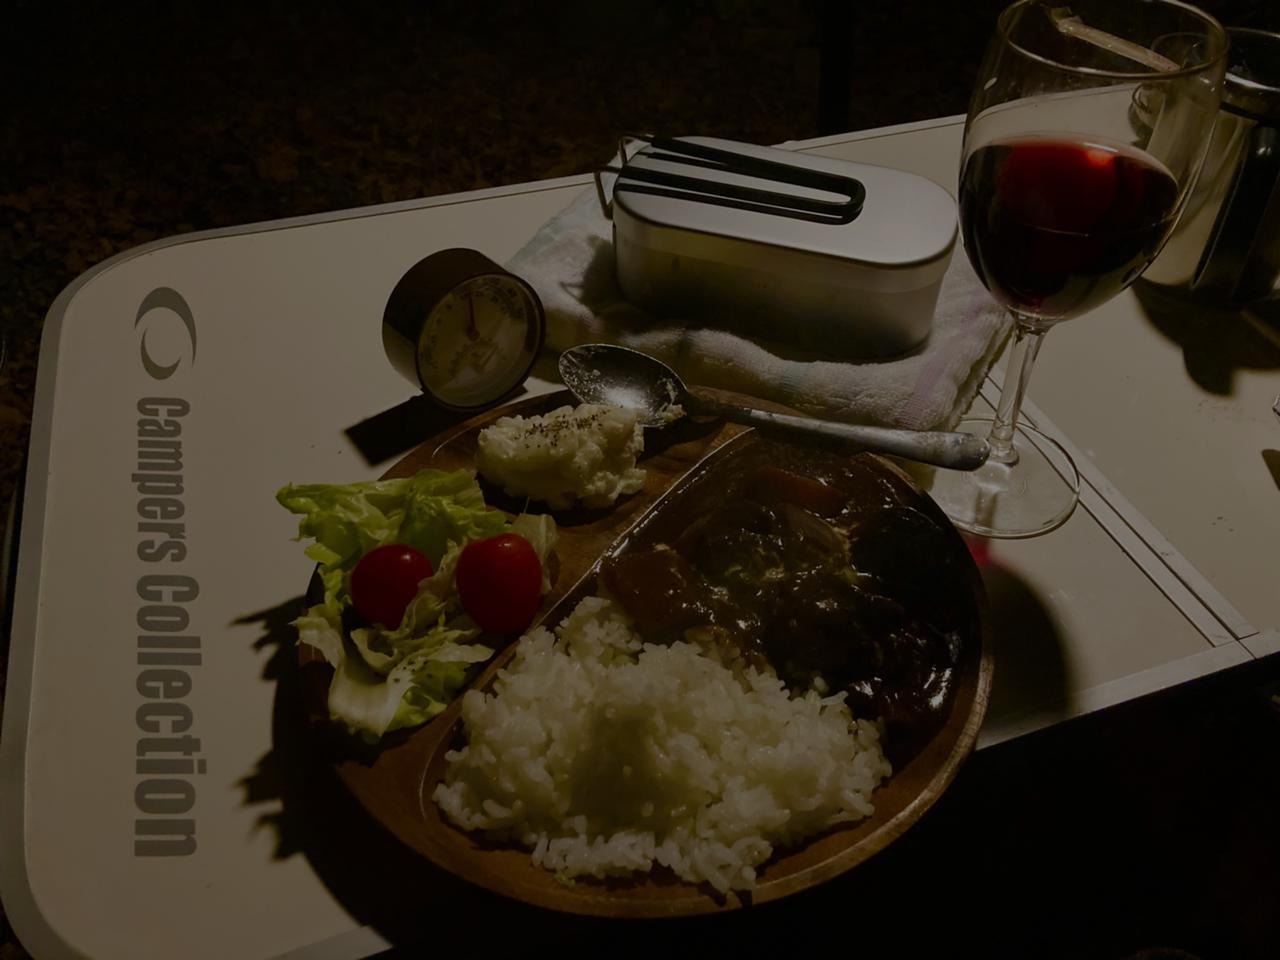 画像: 筆者撮影 写メを撮ってもこの通り料理が美味しそうに見えません…。